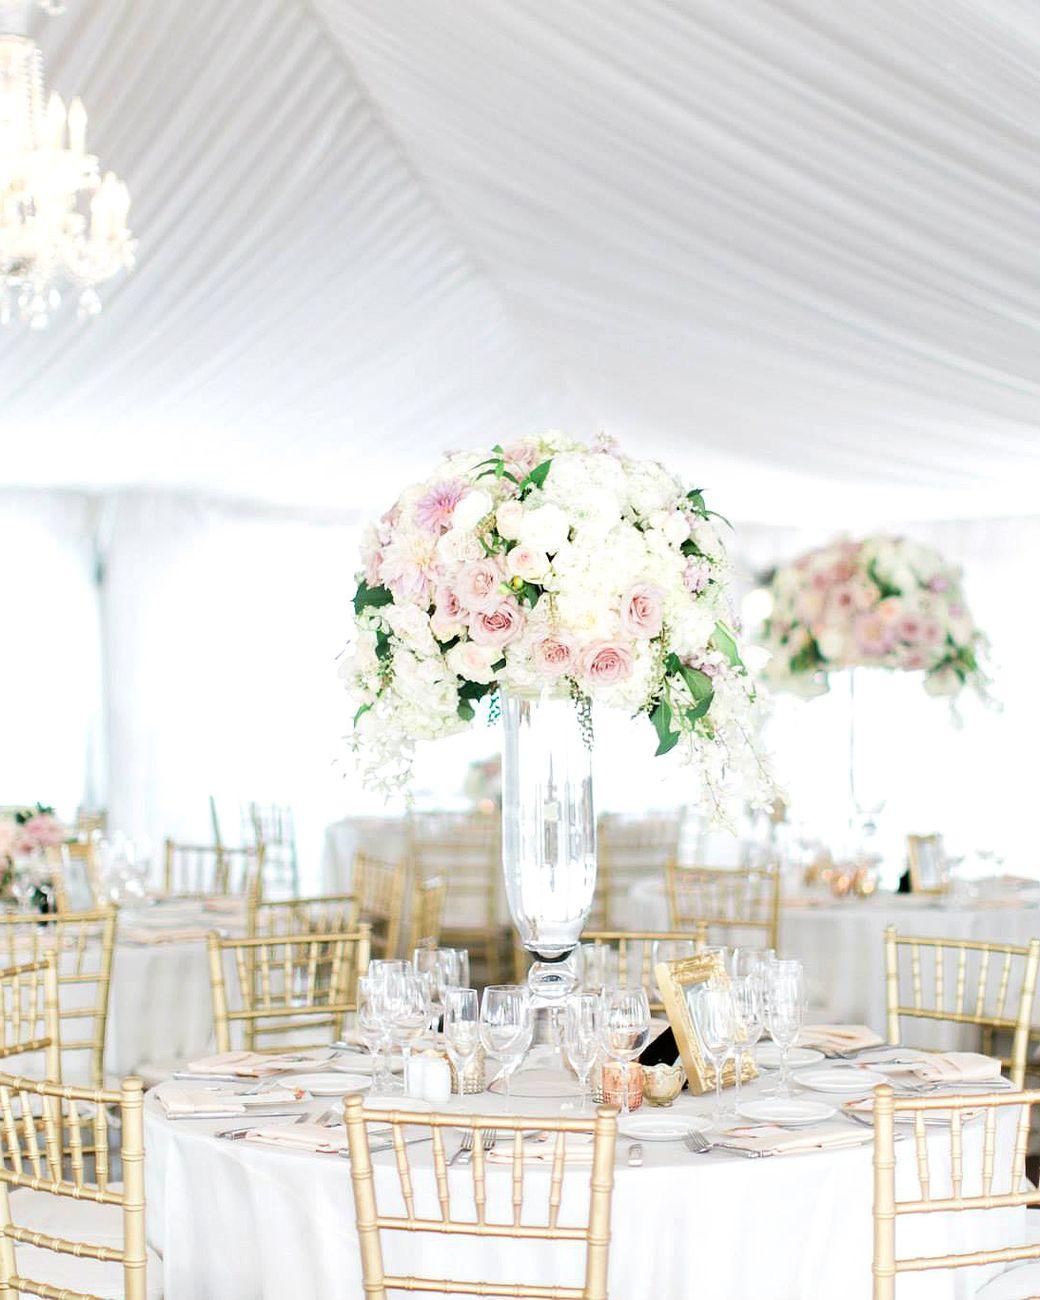 Romantic Garden Wedding Theme: 13 Dreamy Garden Wedding Ideas